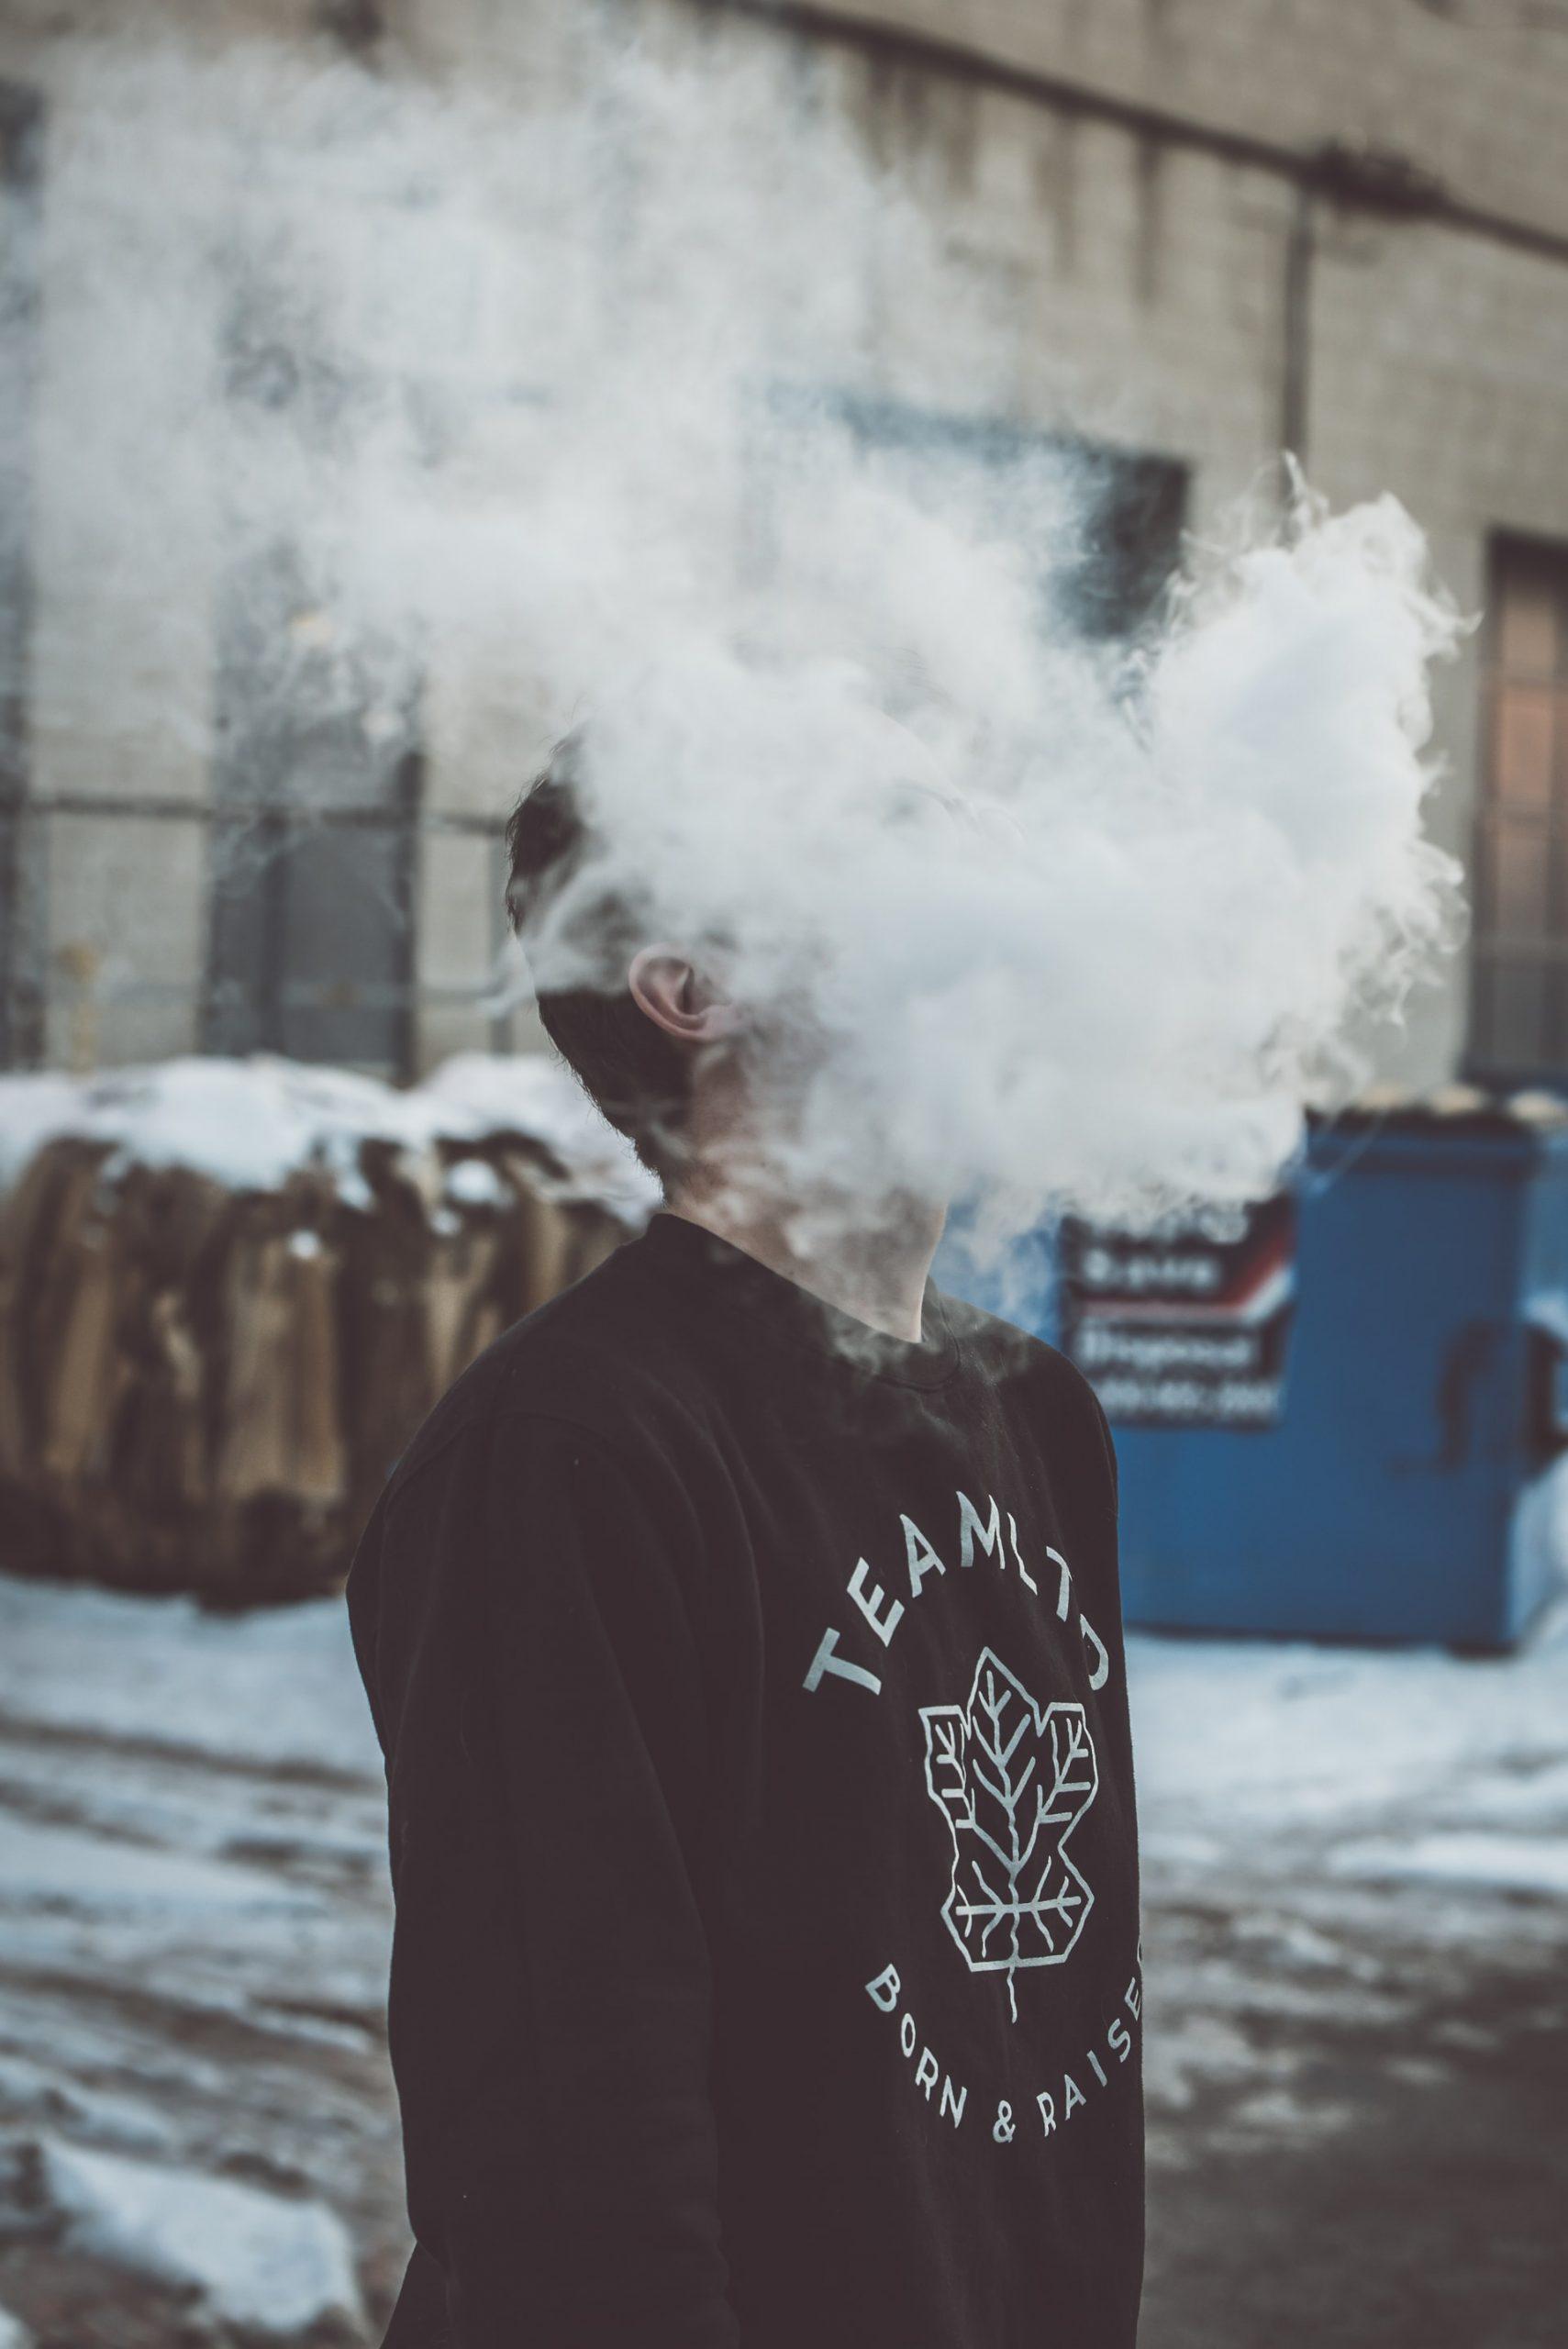 Mann mit großer Rauchwolke durch E-Zigarette in schwarzem Sweatshirt